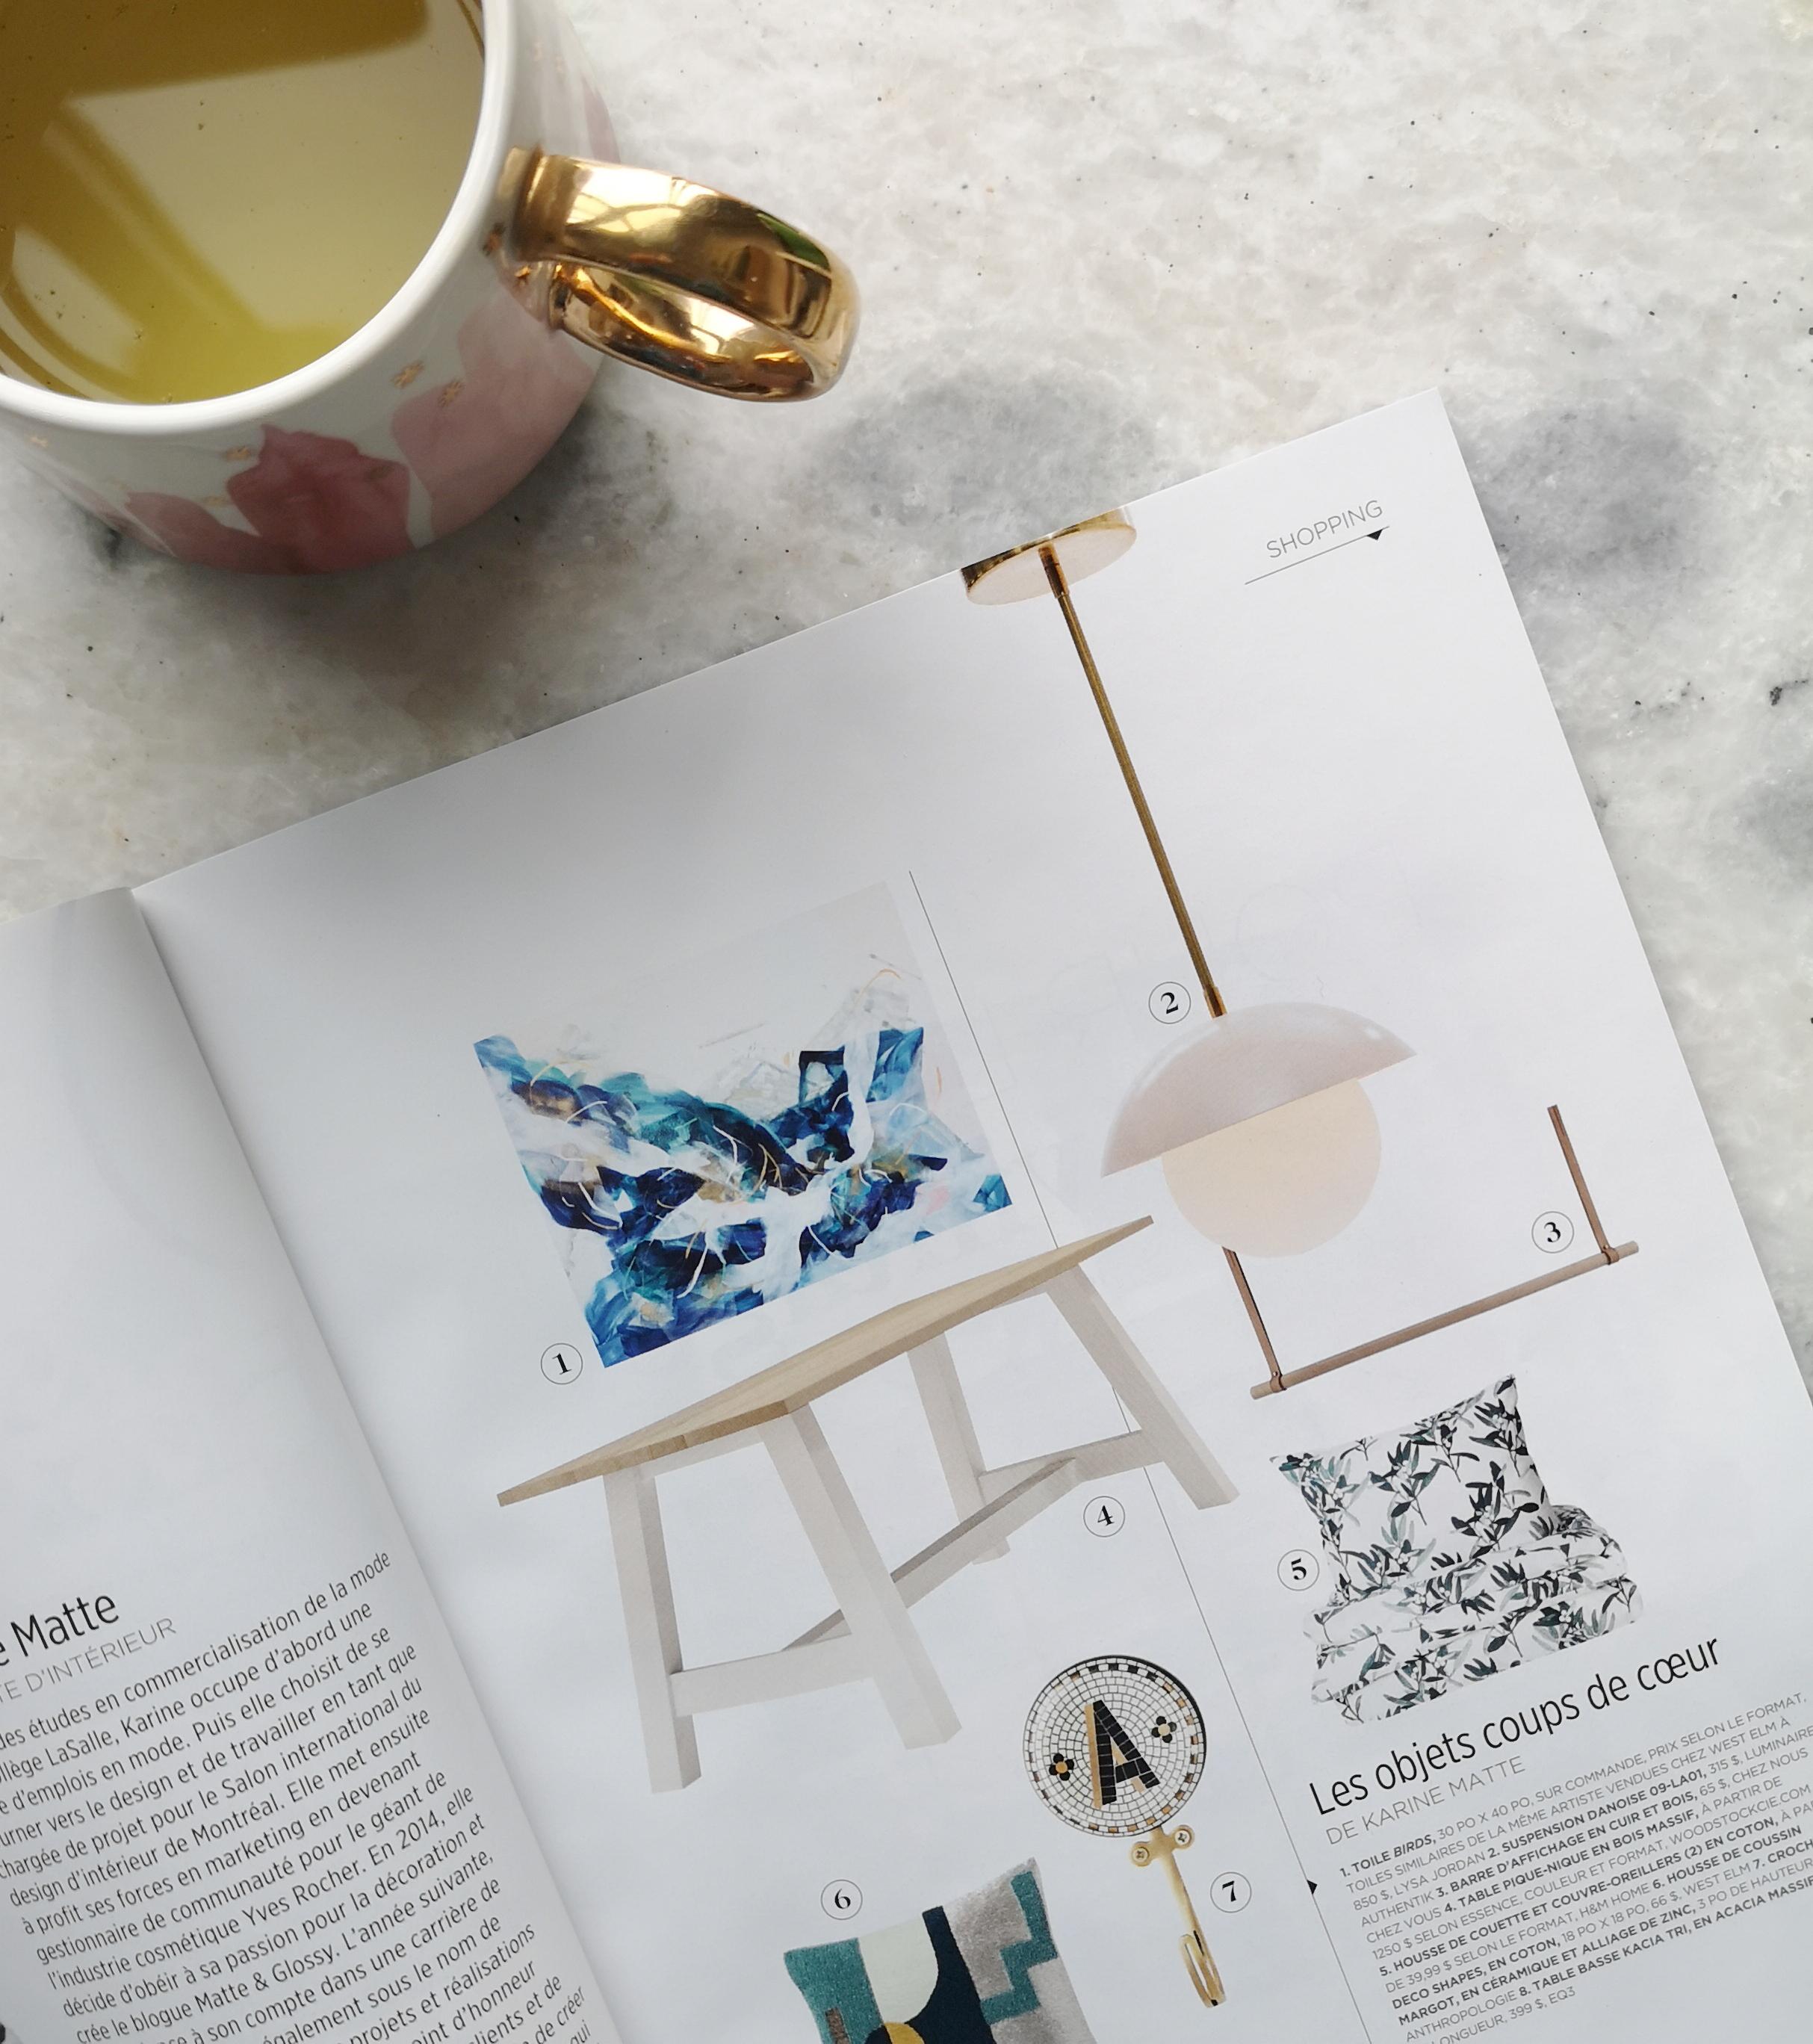 Coup de coeur - Karine Matte pour Maisons de designer